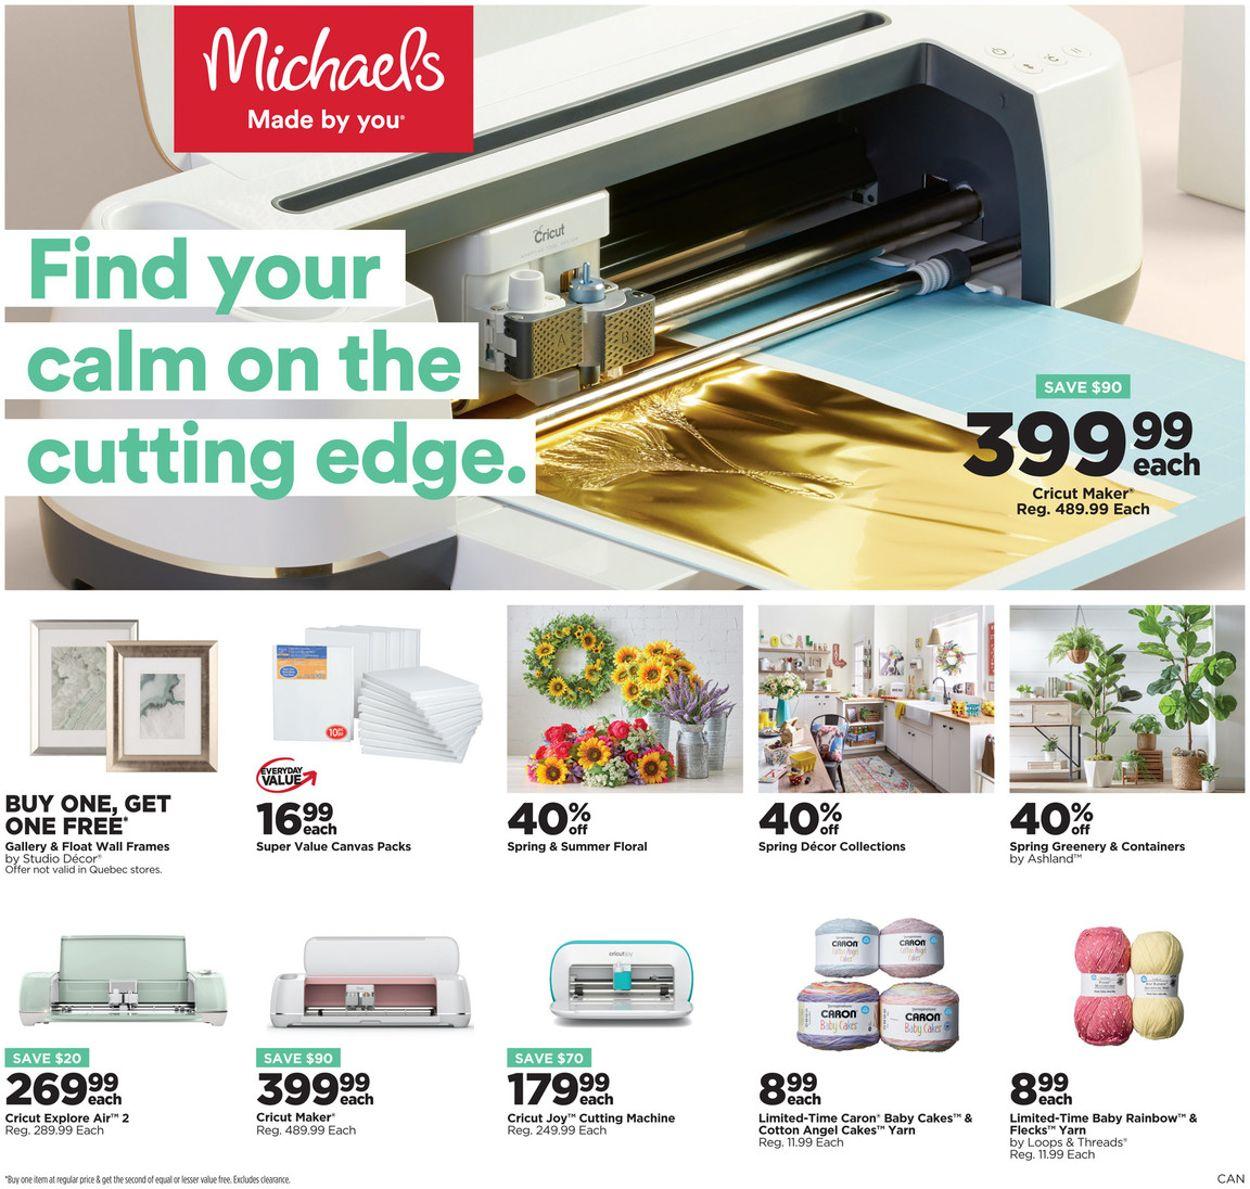 Michaels Weekly Ad Circular - valid 04/09-04/15/2021